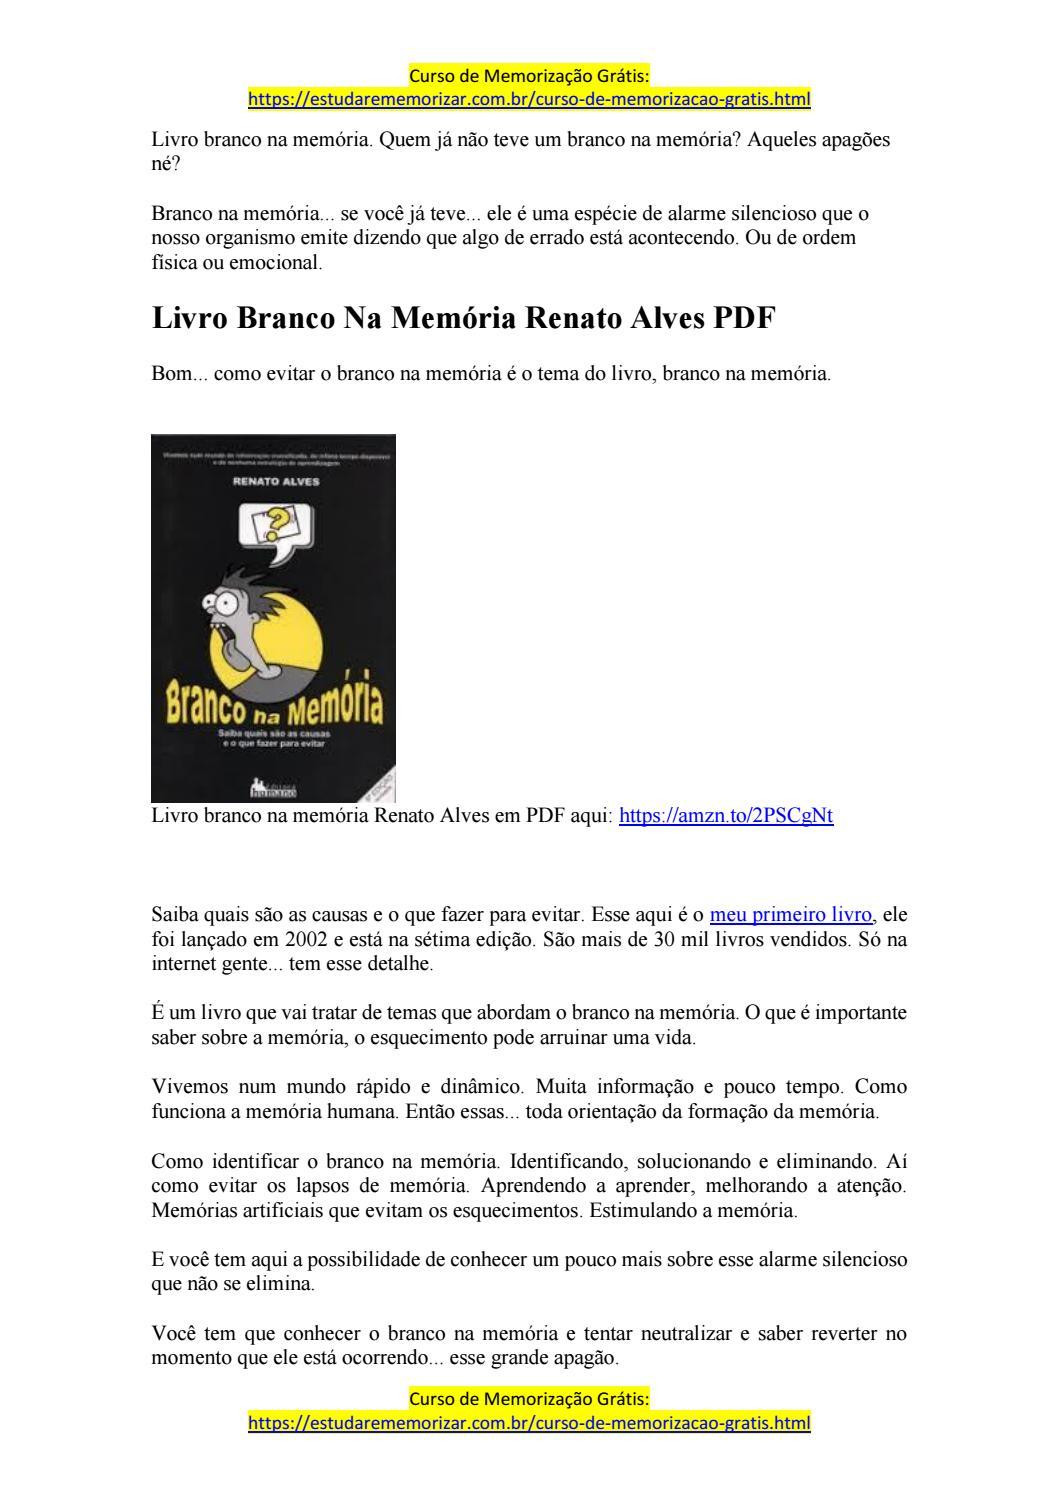 curso de memorização renato alves download gratis